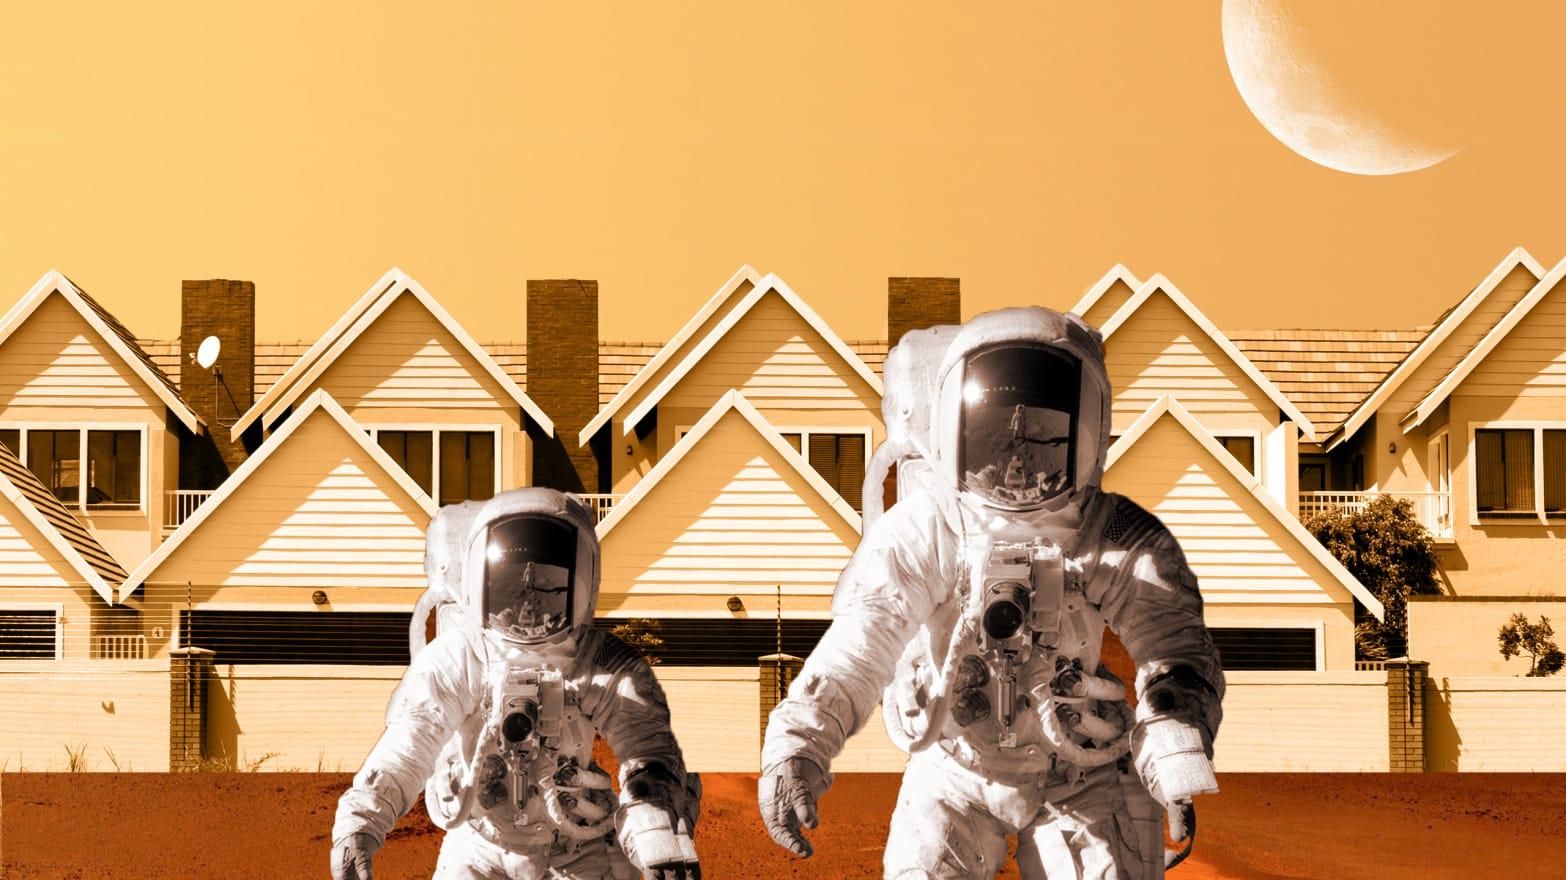 تا سال 2050 چه تعداد انسان روی مریخ ساکن خواهند بود؟ 1